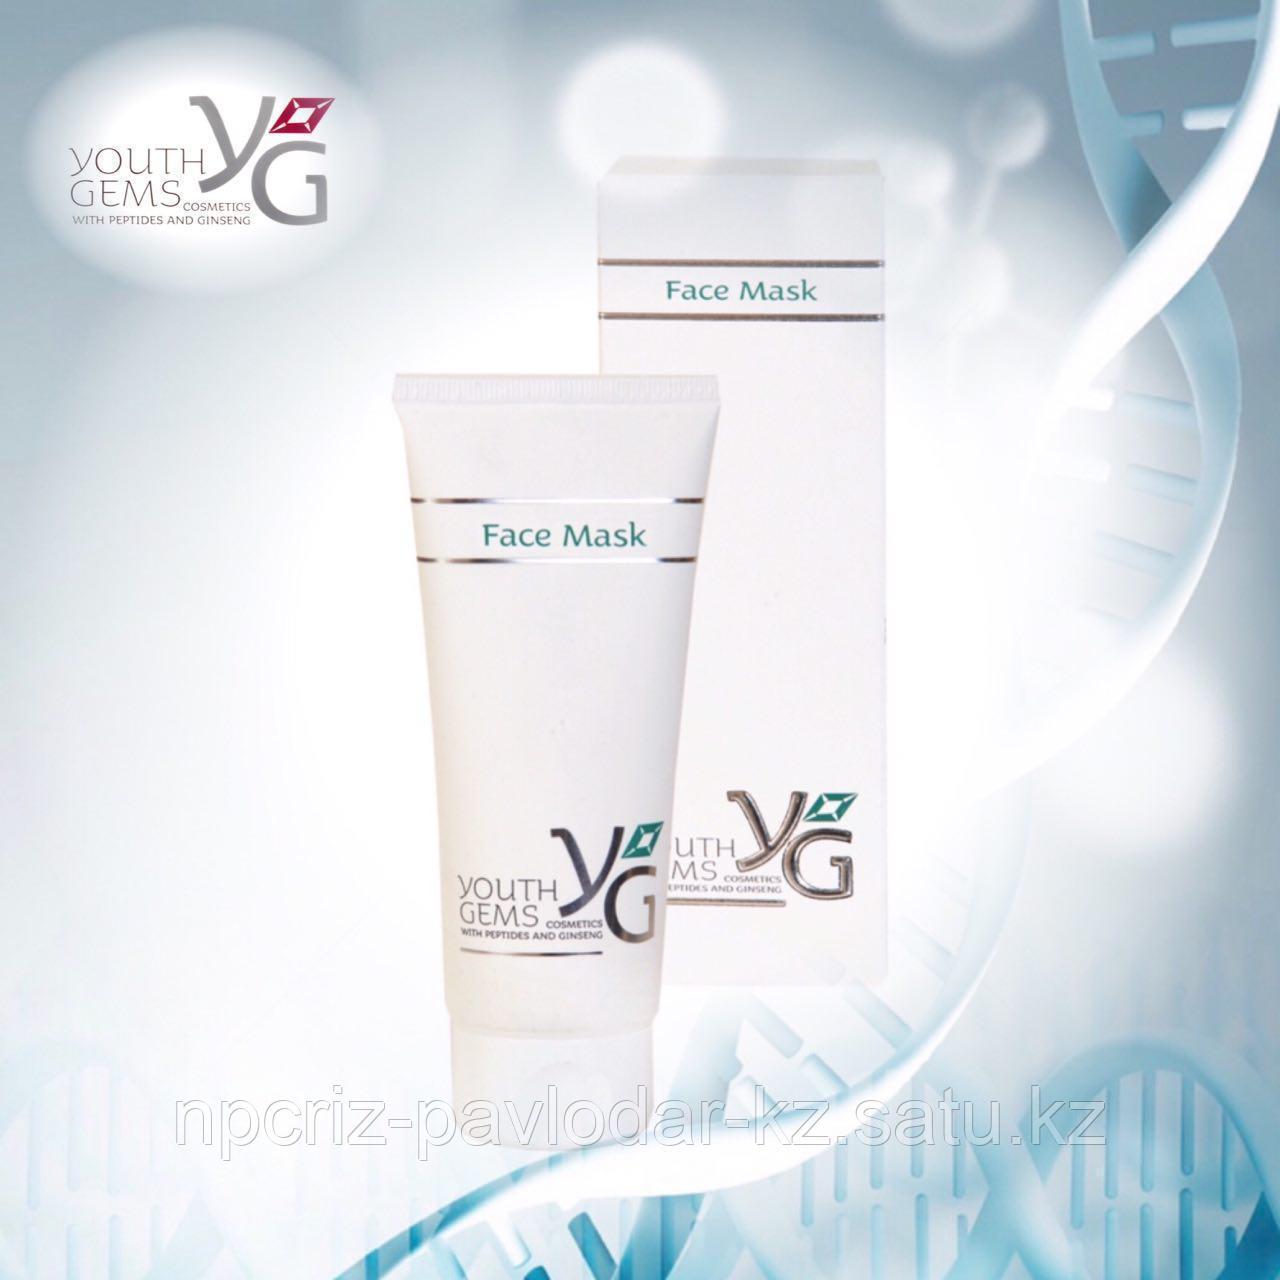 Маска для лица Youth Gems с пептидами и экстрактом женьшеня 100 мл